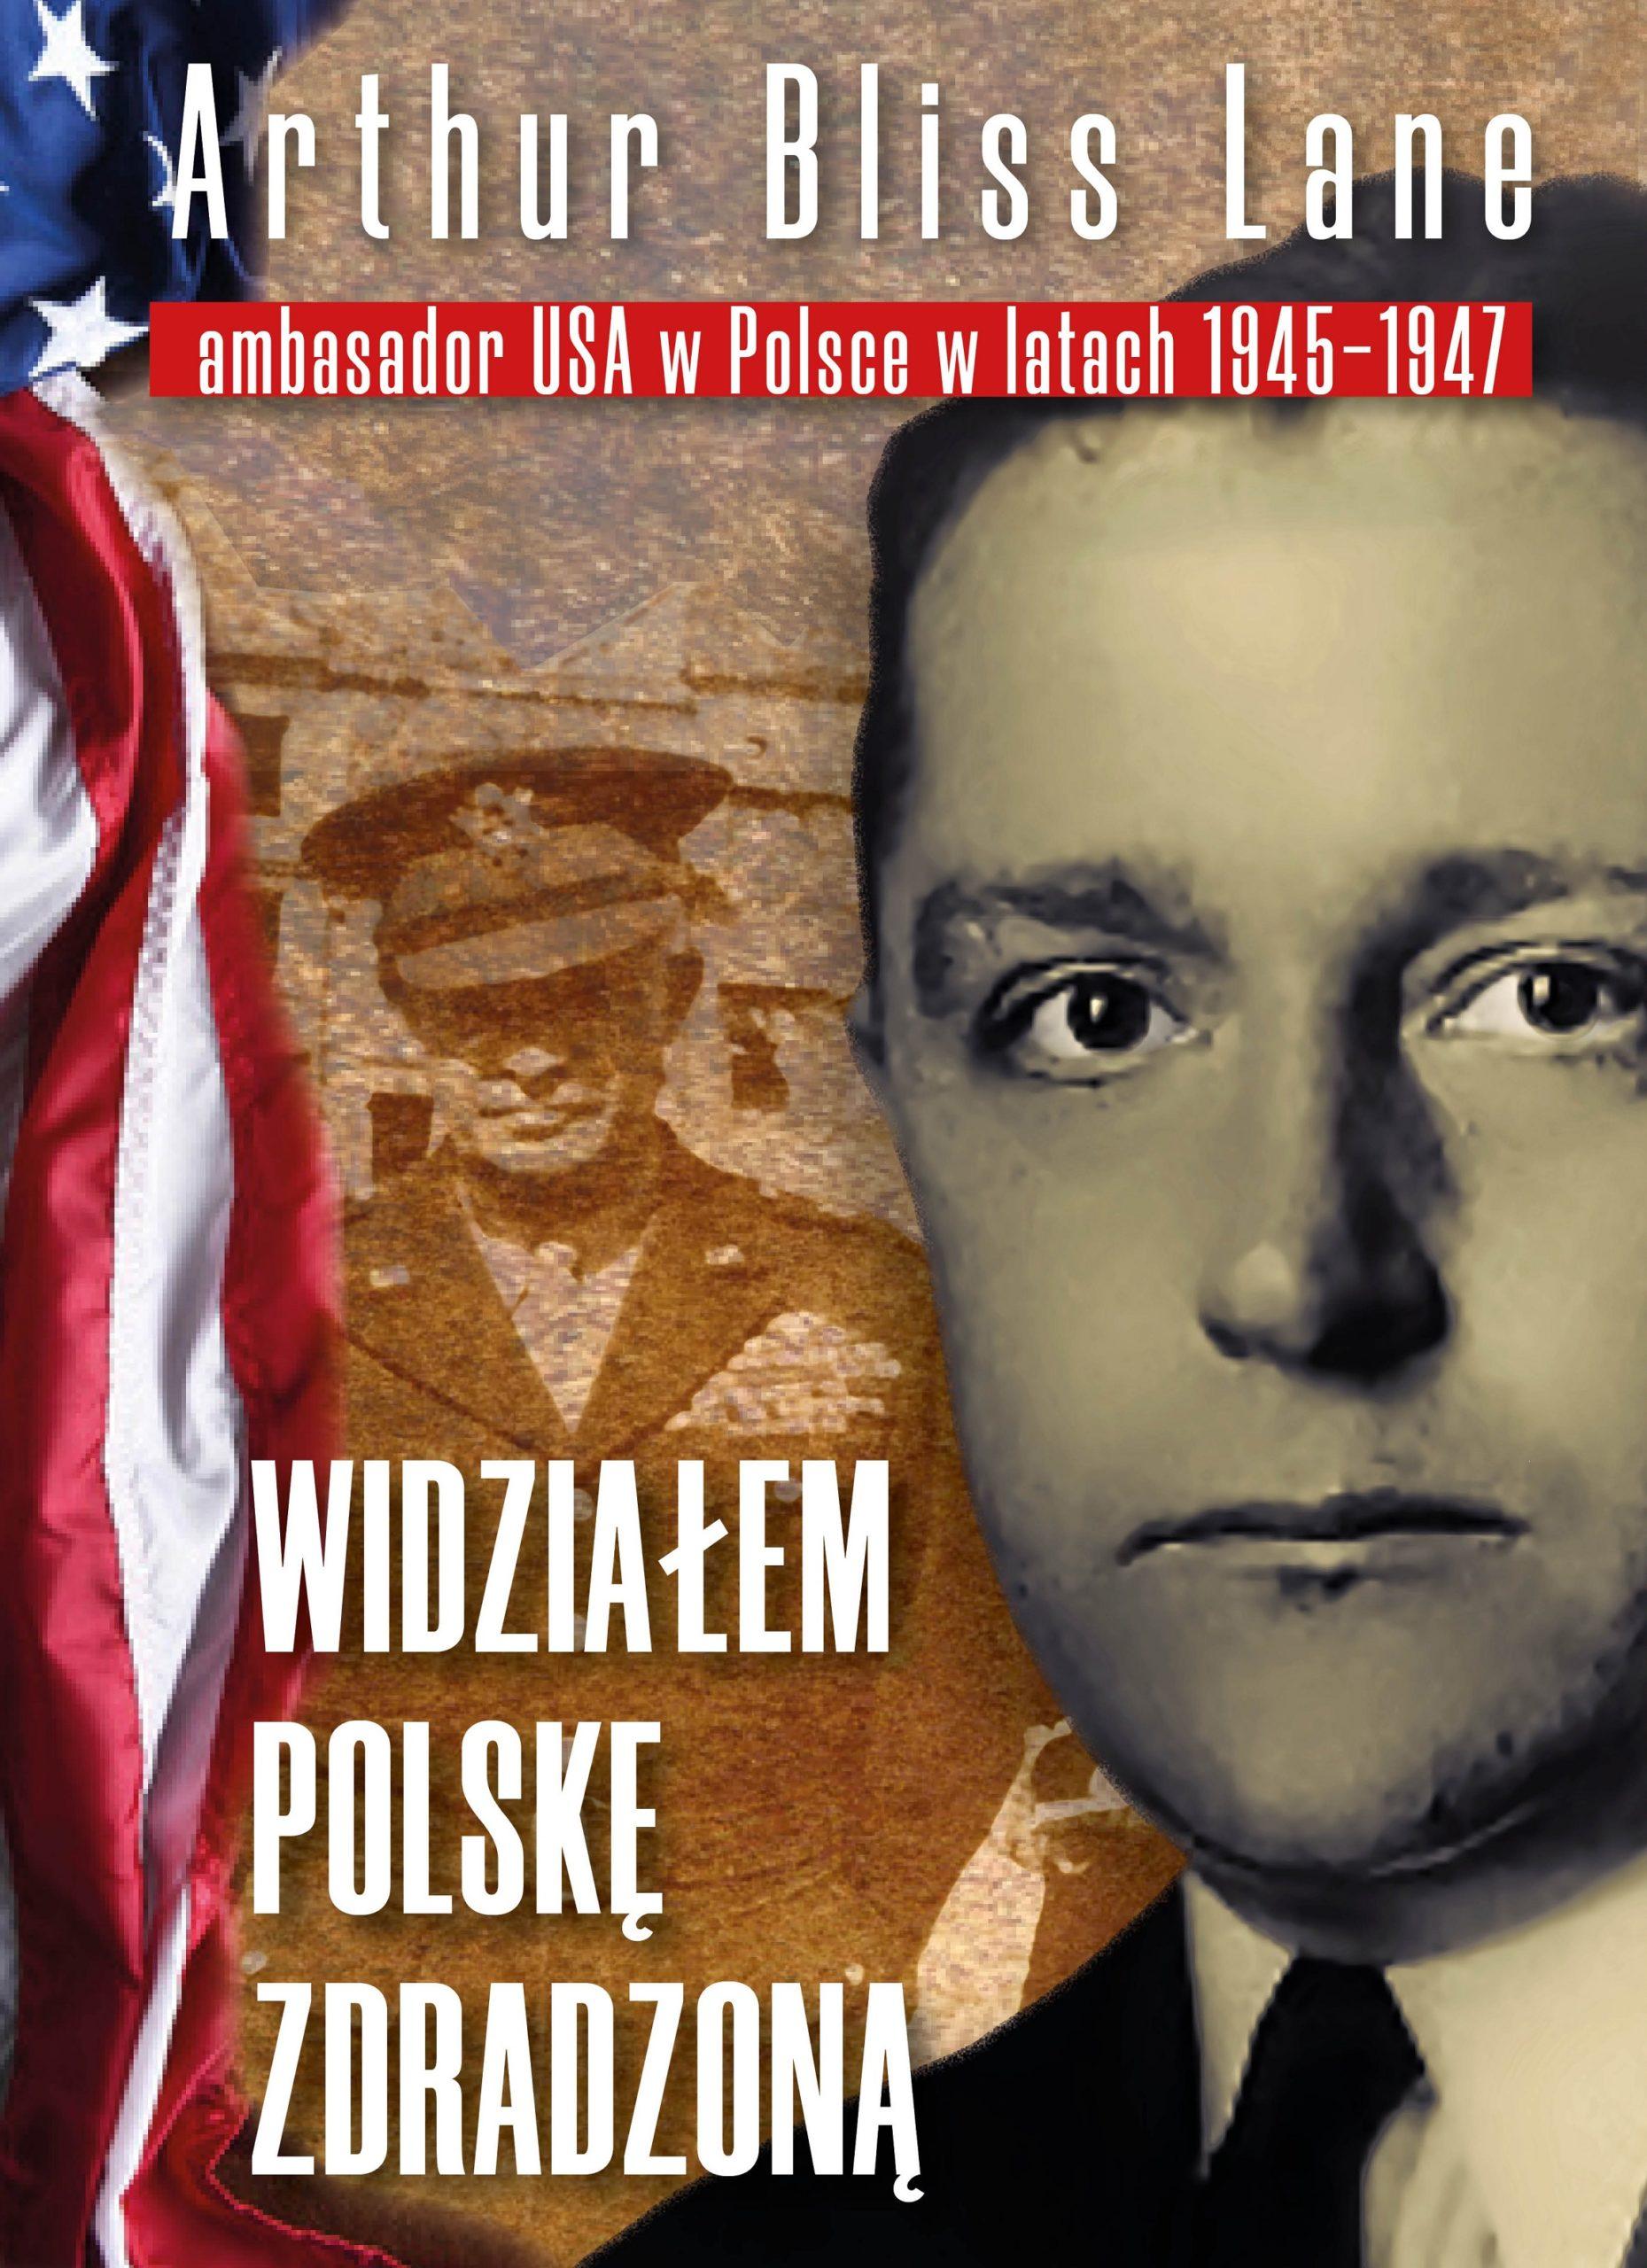 """Arthur Bliss Lane """"Widziałem Polskę zdradzoną"""" (wyd. Fronda)"""